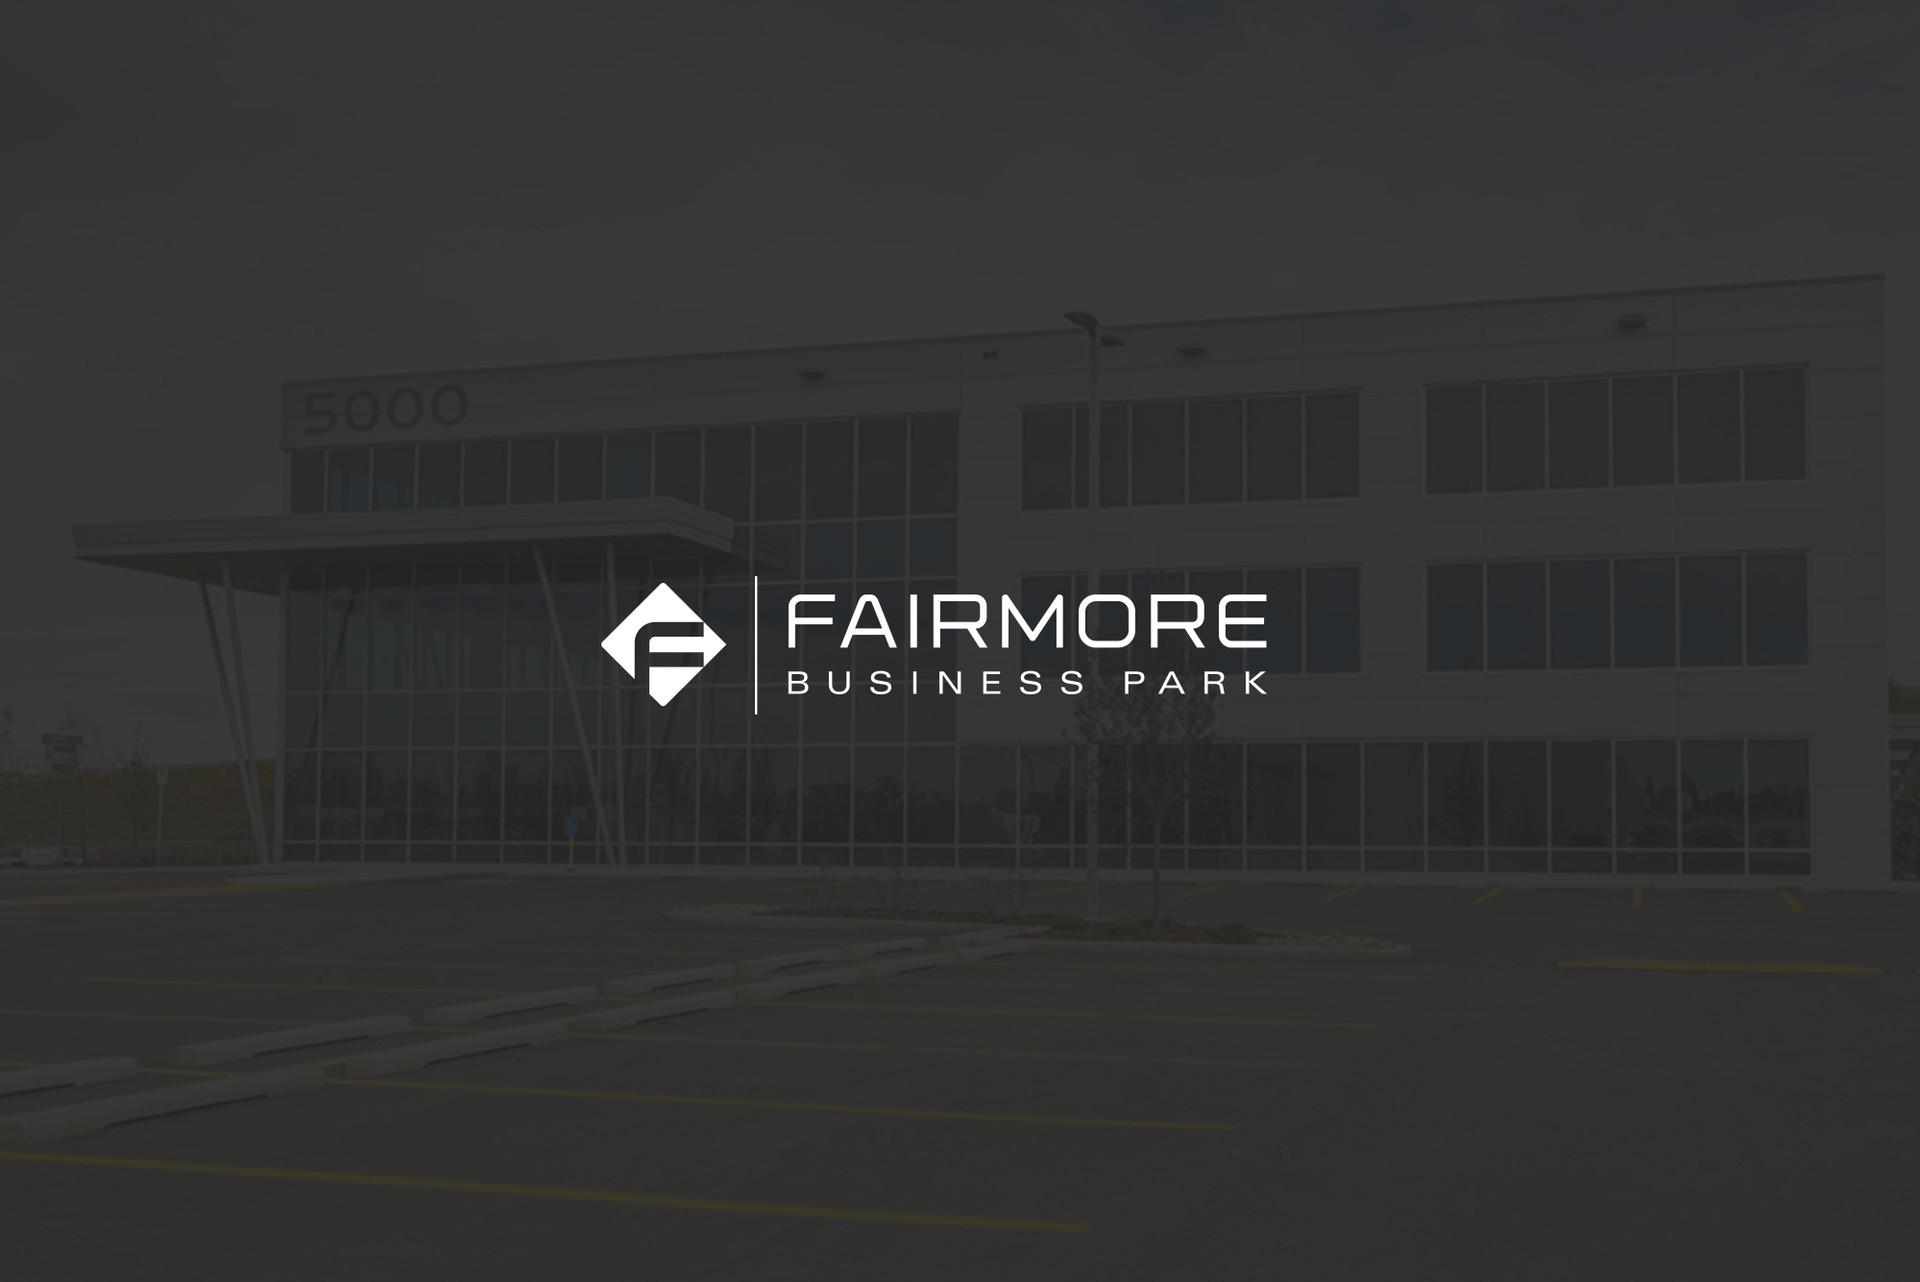 Fairmore Business Park